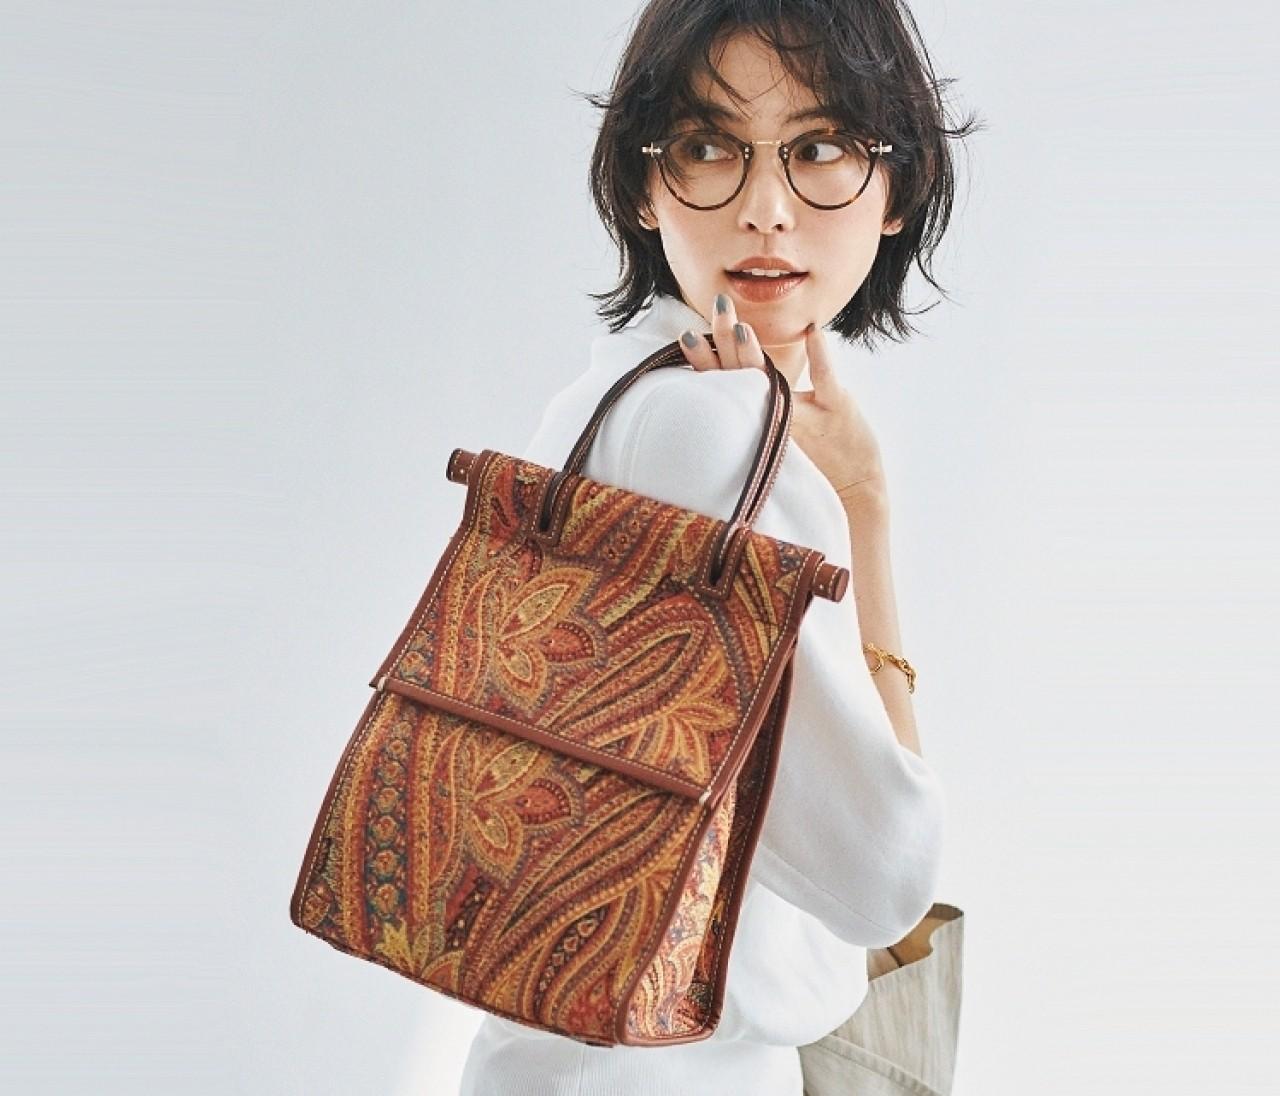 大人気バッグブランド【ア ヴァケーション】おすすめコーデ&春夏最新作まとめ